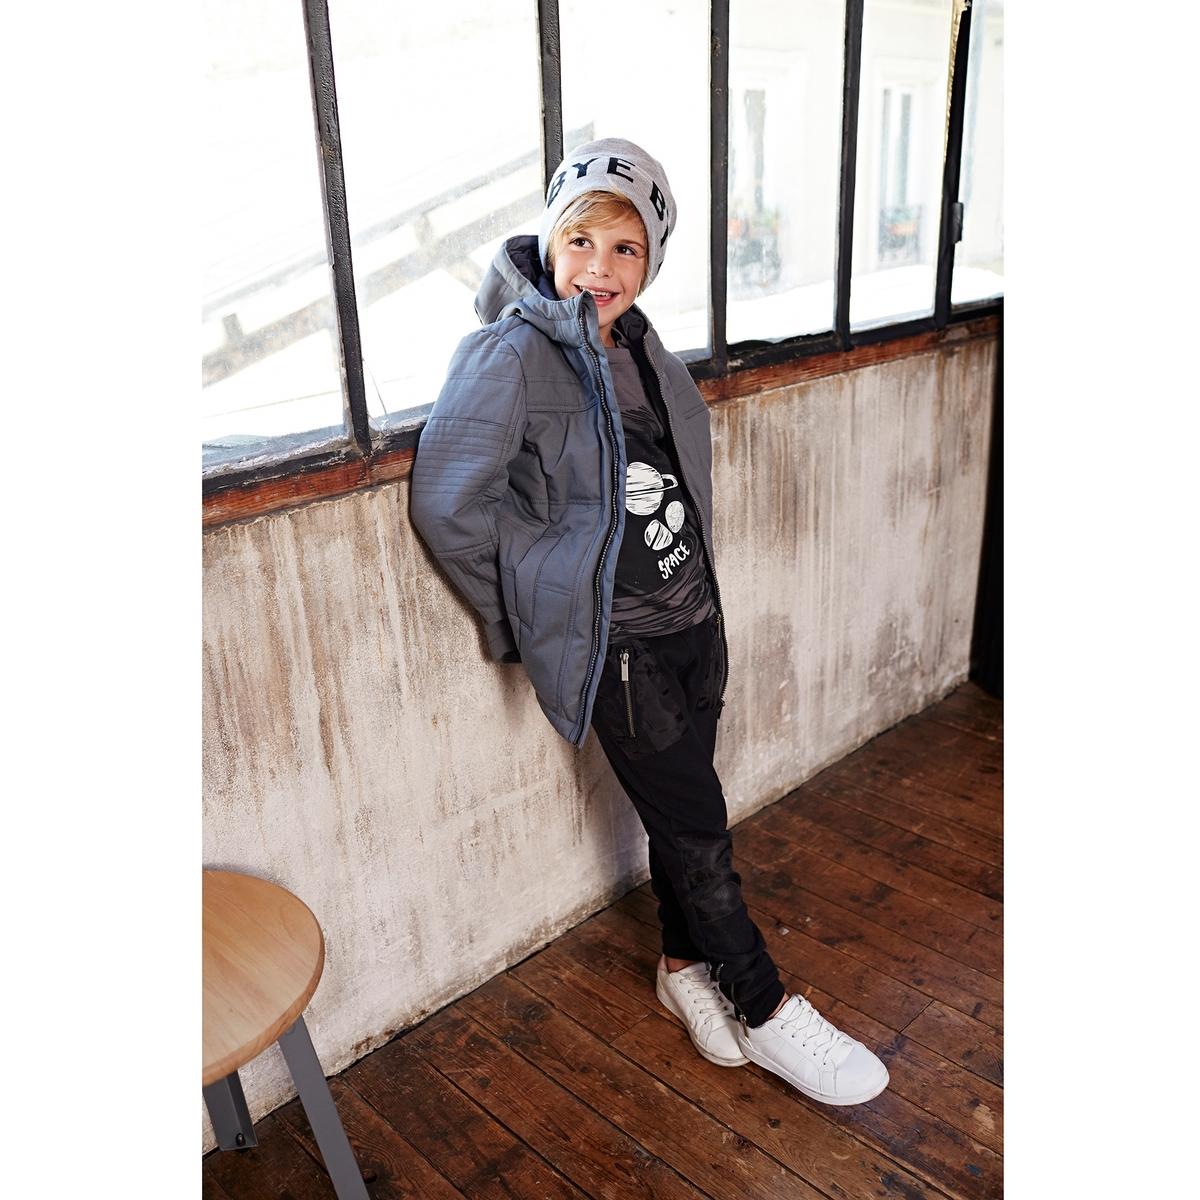 Пальто с капюшономСтеганое пальто с капюшоном, из 100% хлопка, с ватином, подкладка из 100% полиэстера. 2 кармана спереди.<br><br>Цвет: серый<br>Размер: 12 лет -150 см